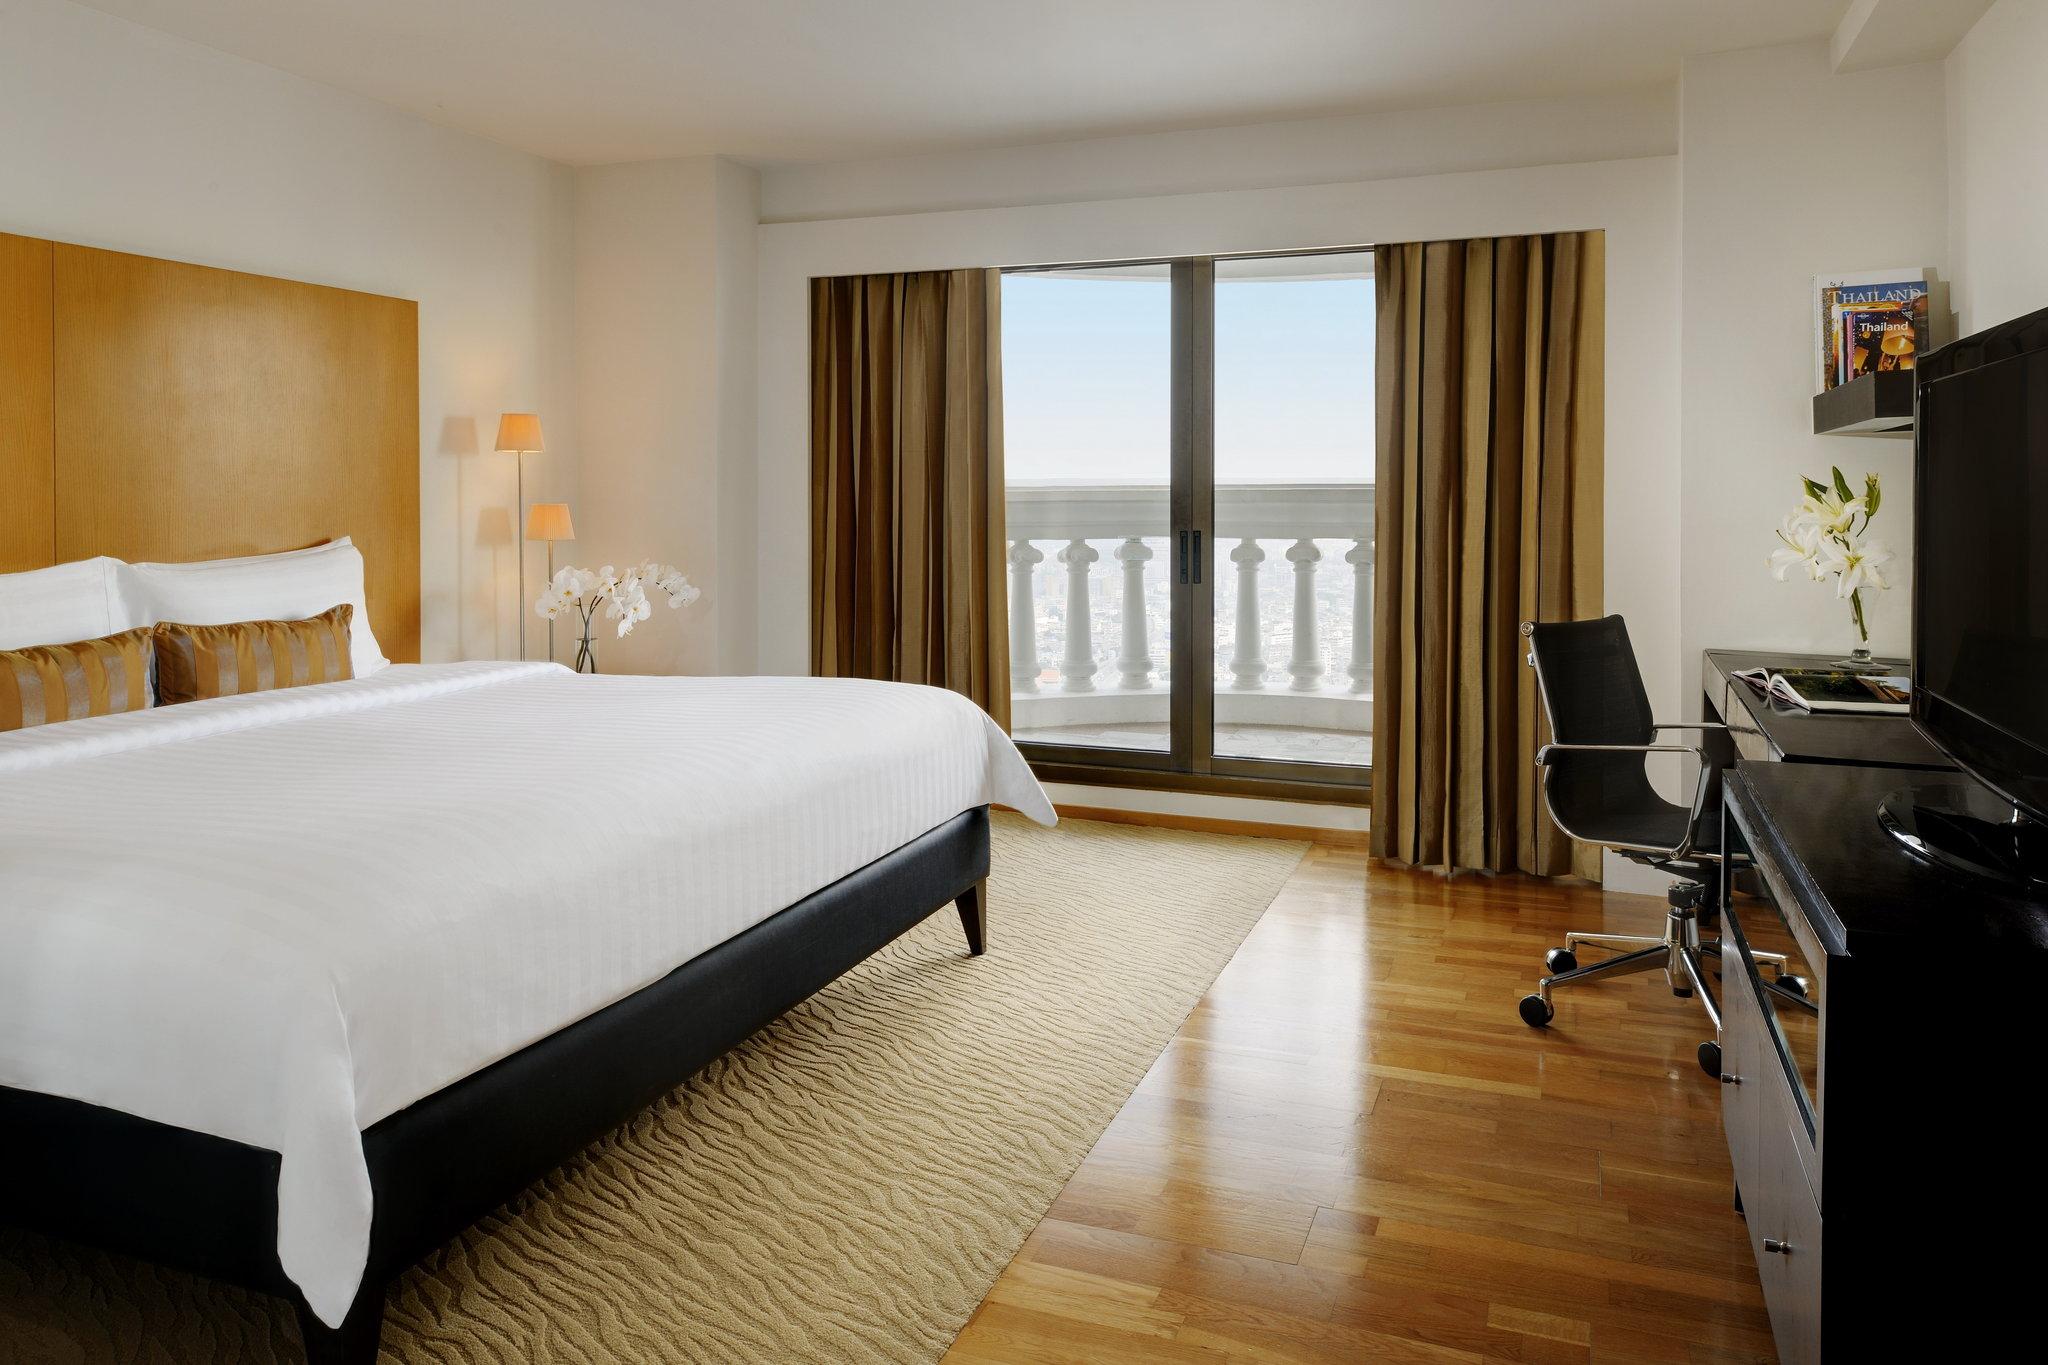 バルコニーから絶景が望める タワークラブ アット ルブアの寝室